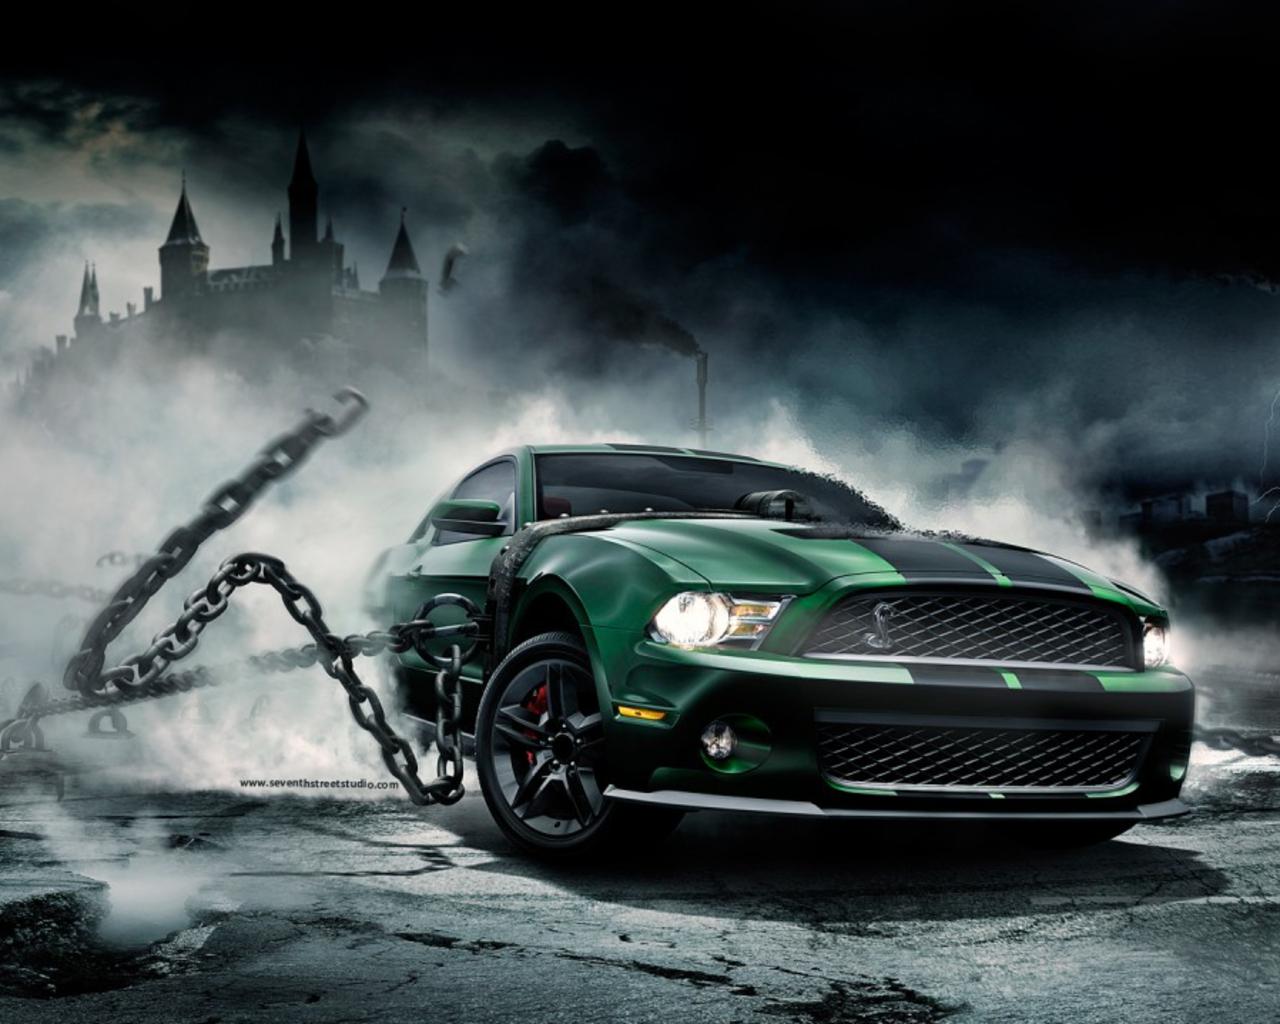 Mustang-Monster-mustang-monster-1280x1024